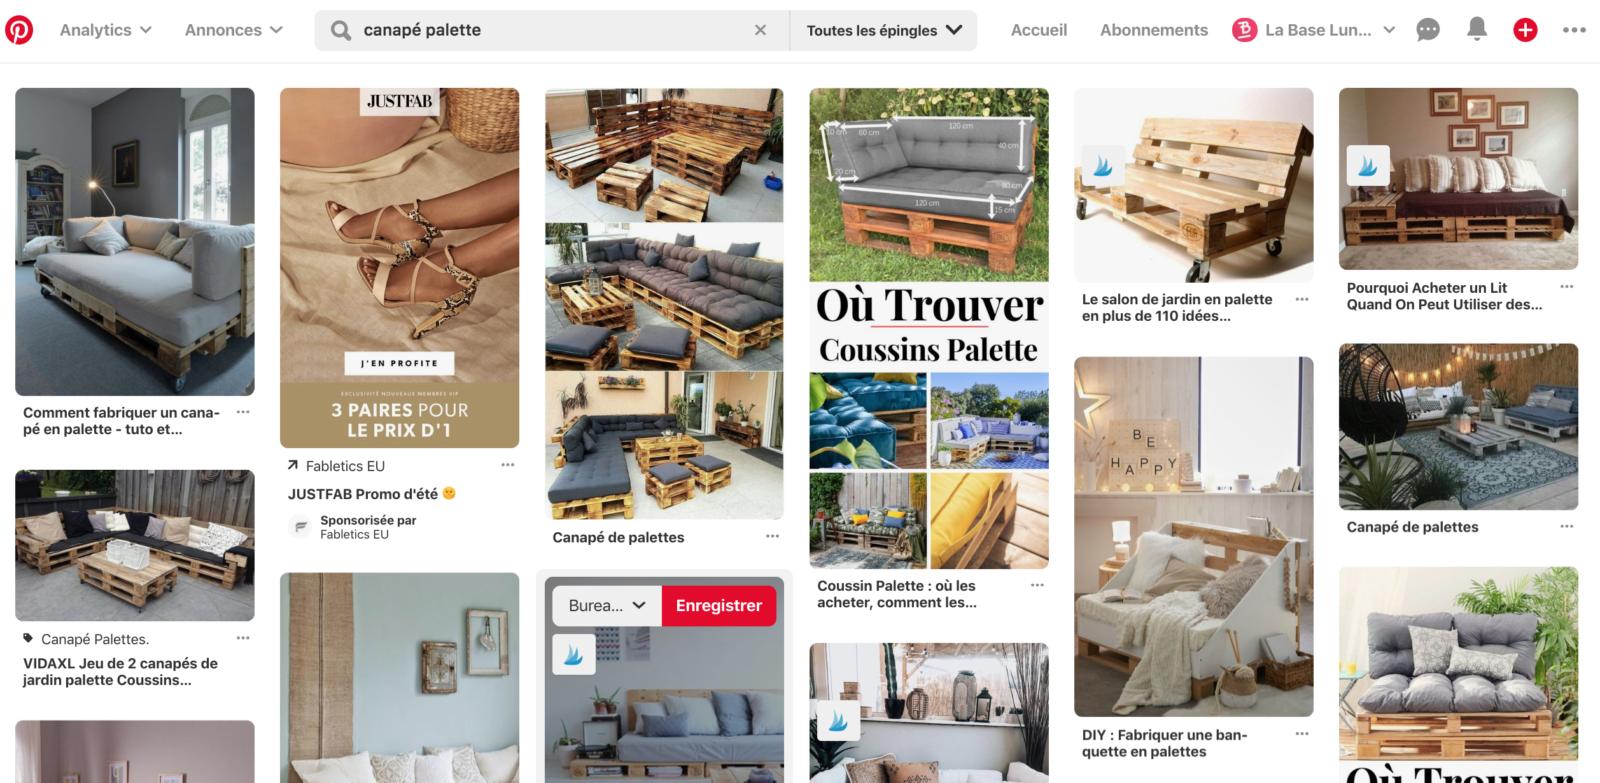 Résultats de recherche Pinterest pour canapé palette